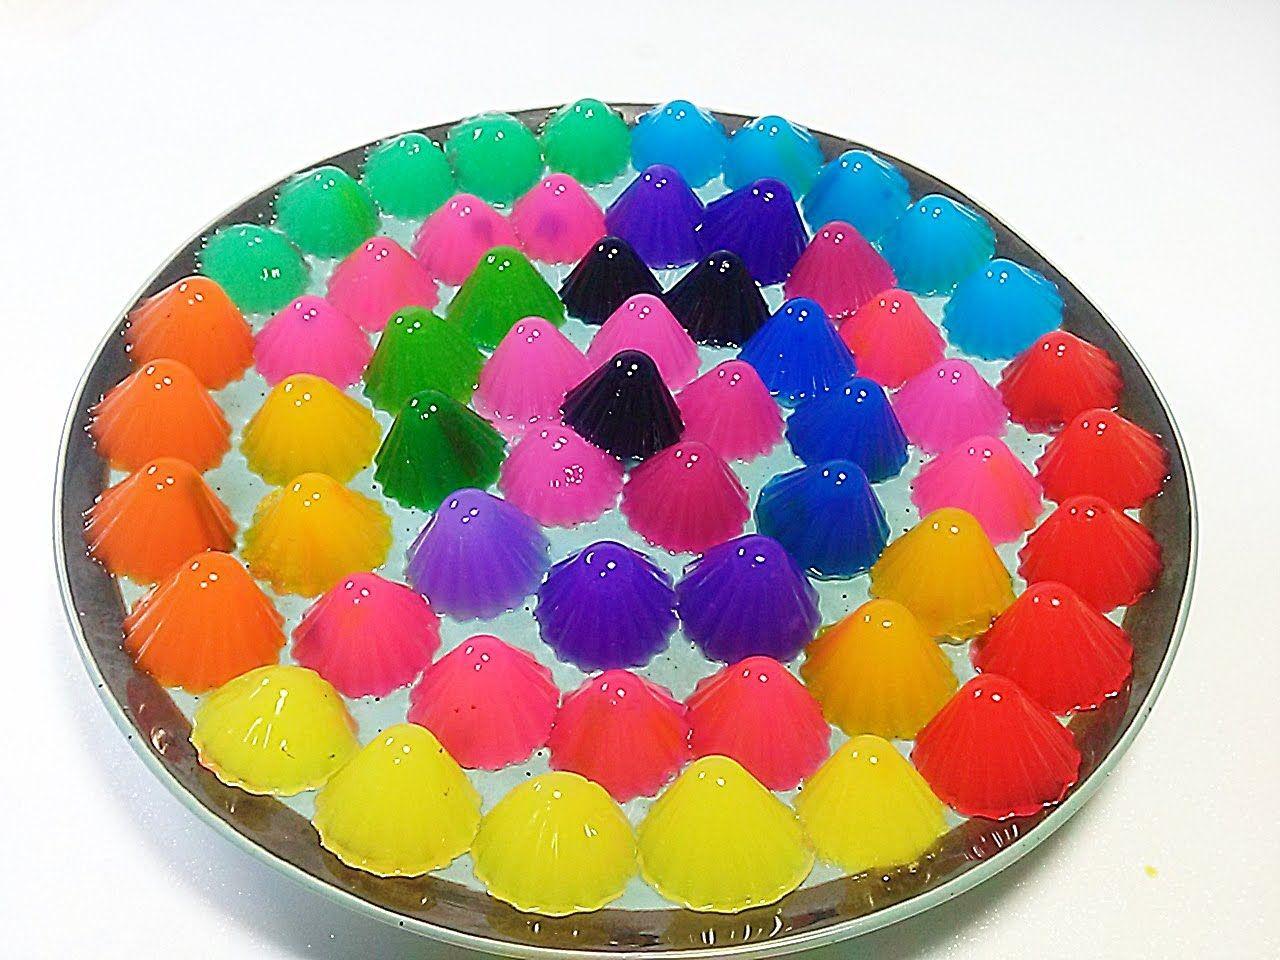 초코송이 젤리 푸딩 만들기 놀이 장난감 식완 How To Make Jelly Pudding